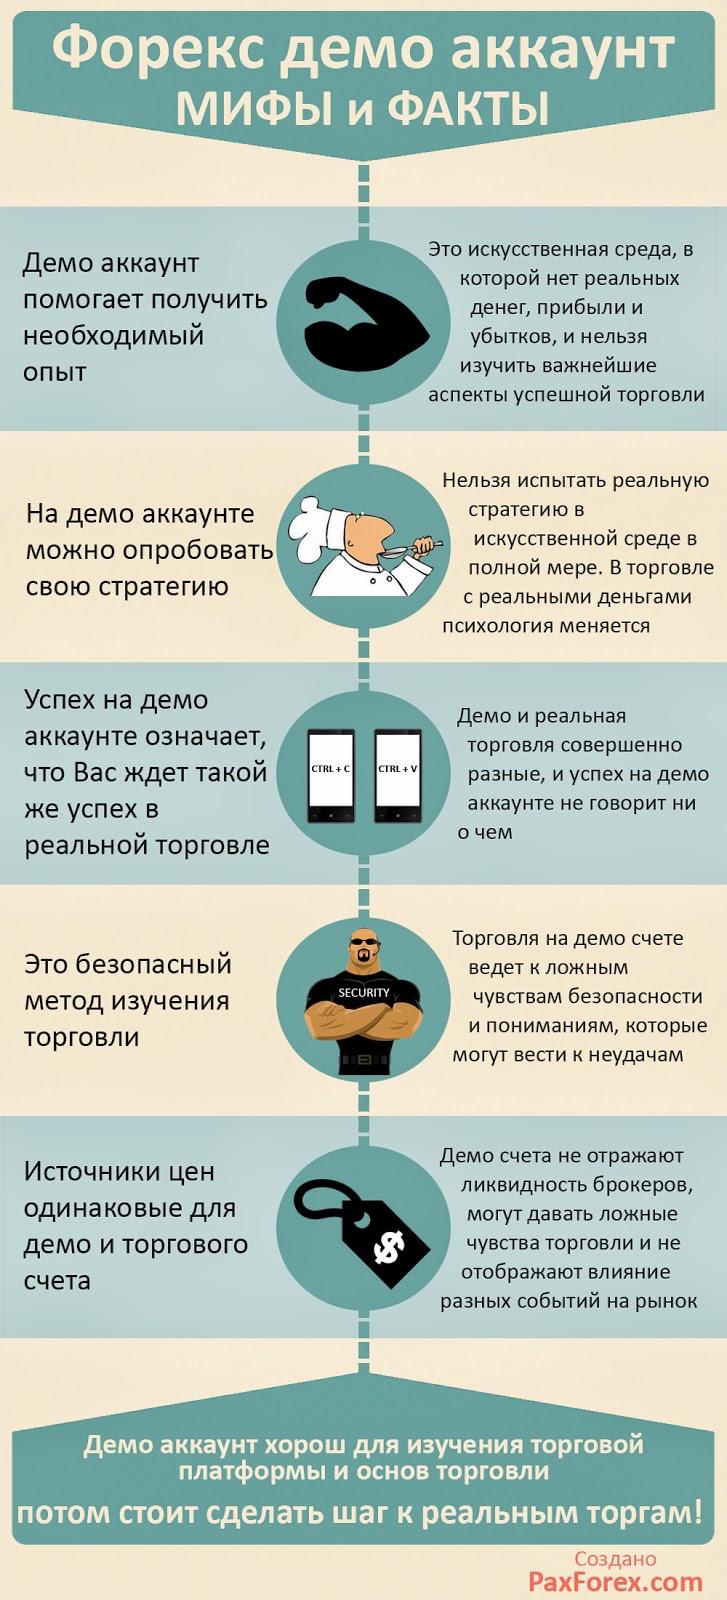 Форекс демо аккаунт: Мифы и Факты